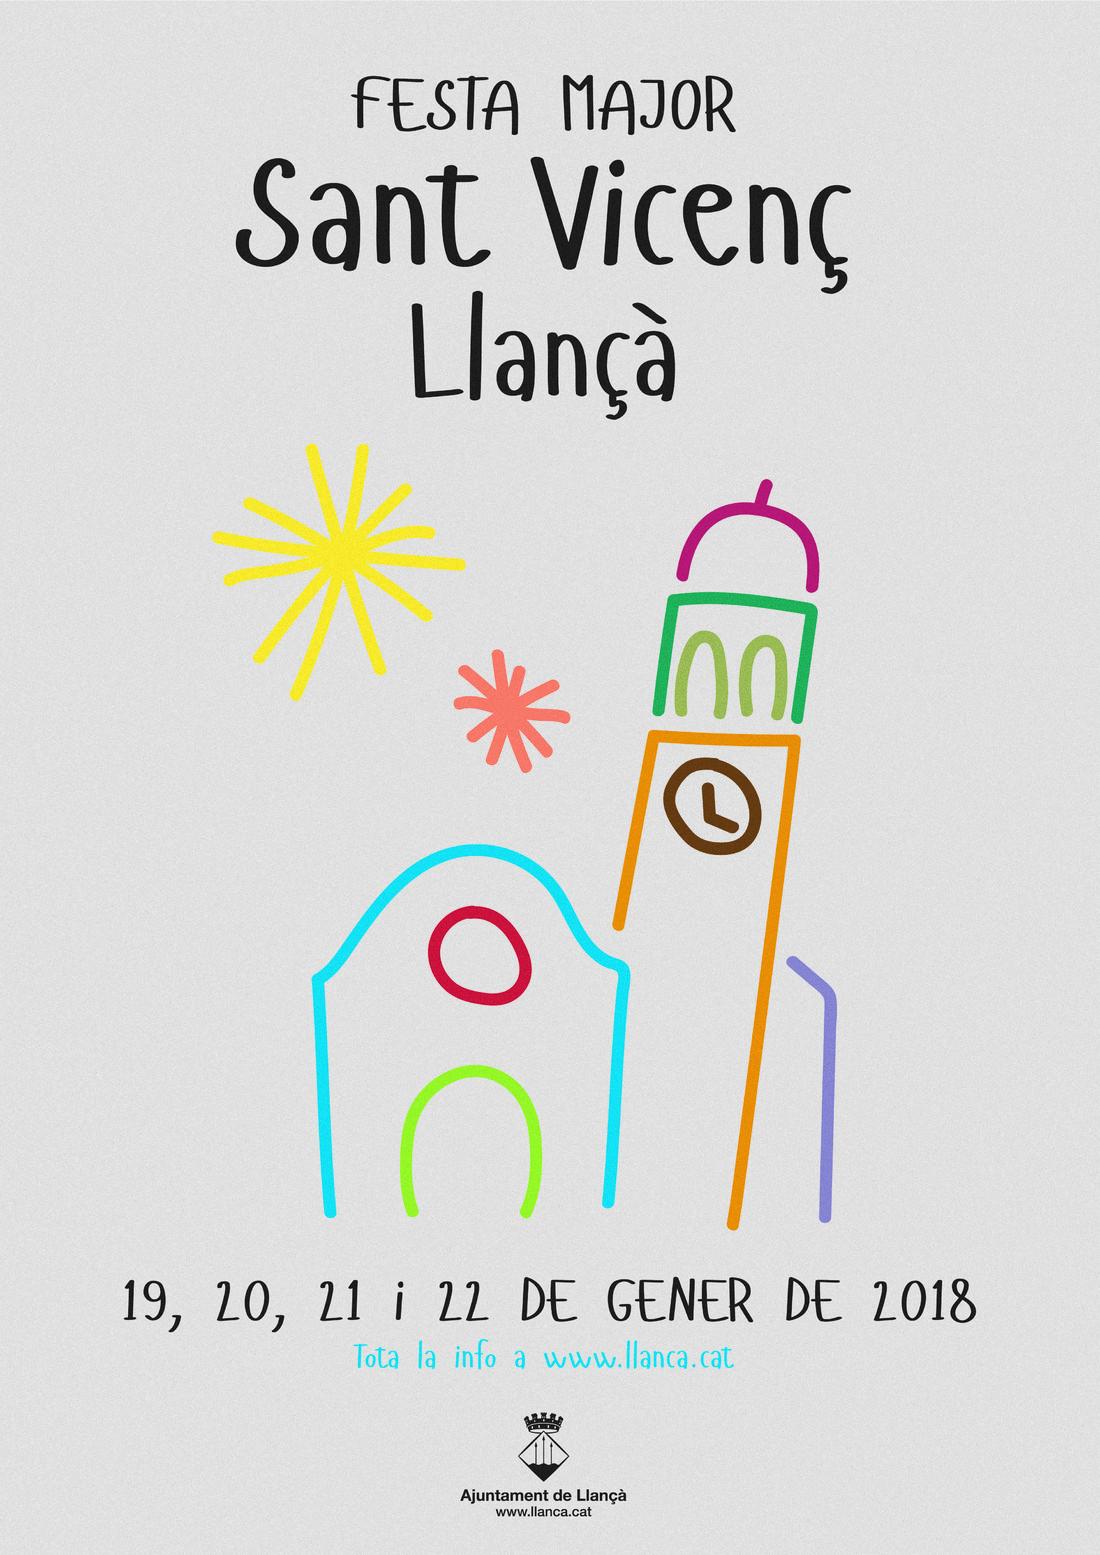 Festa Major de Sant Vicenç – Llançà